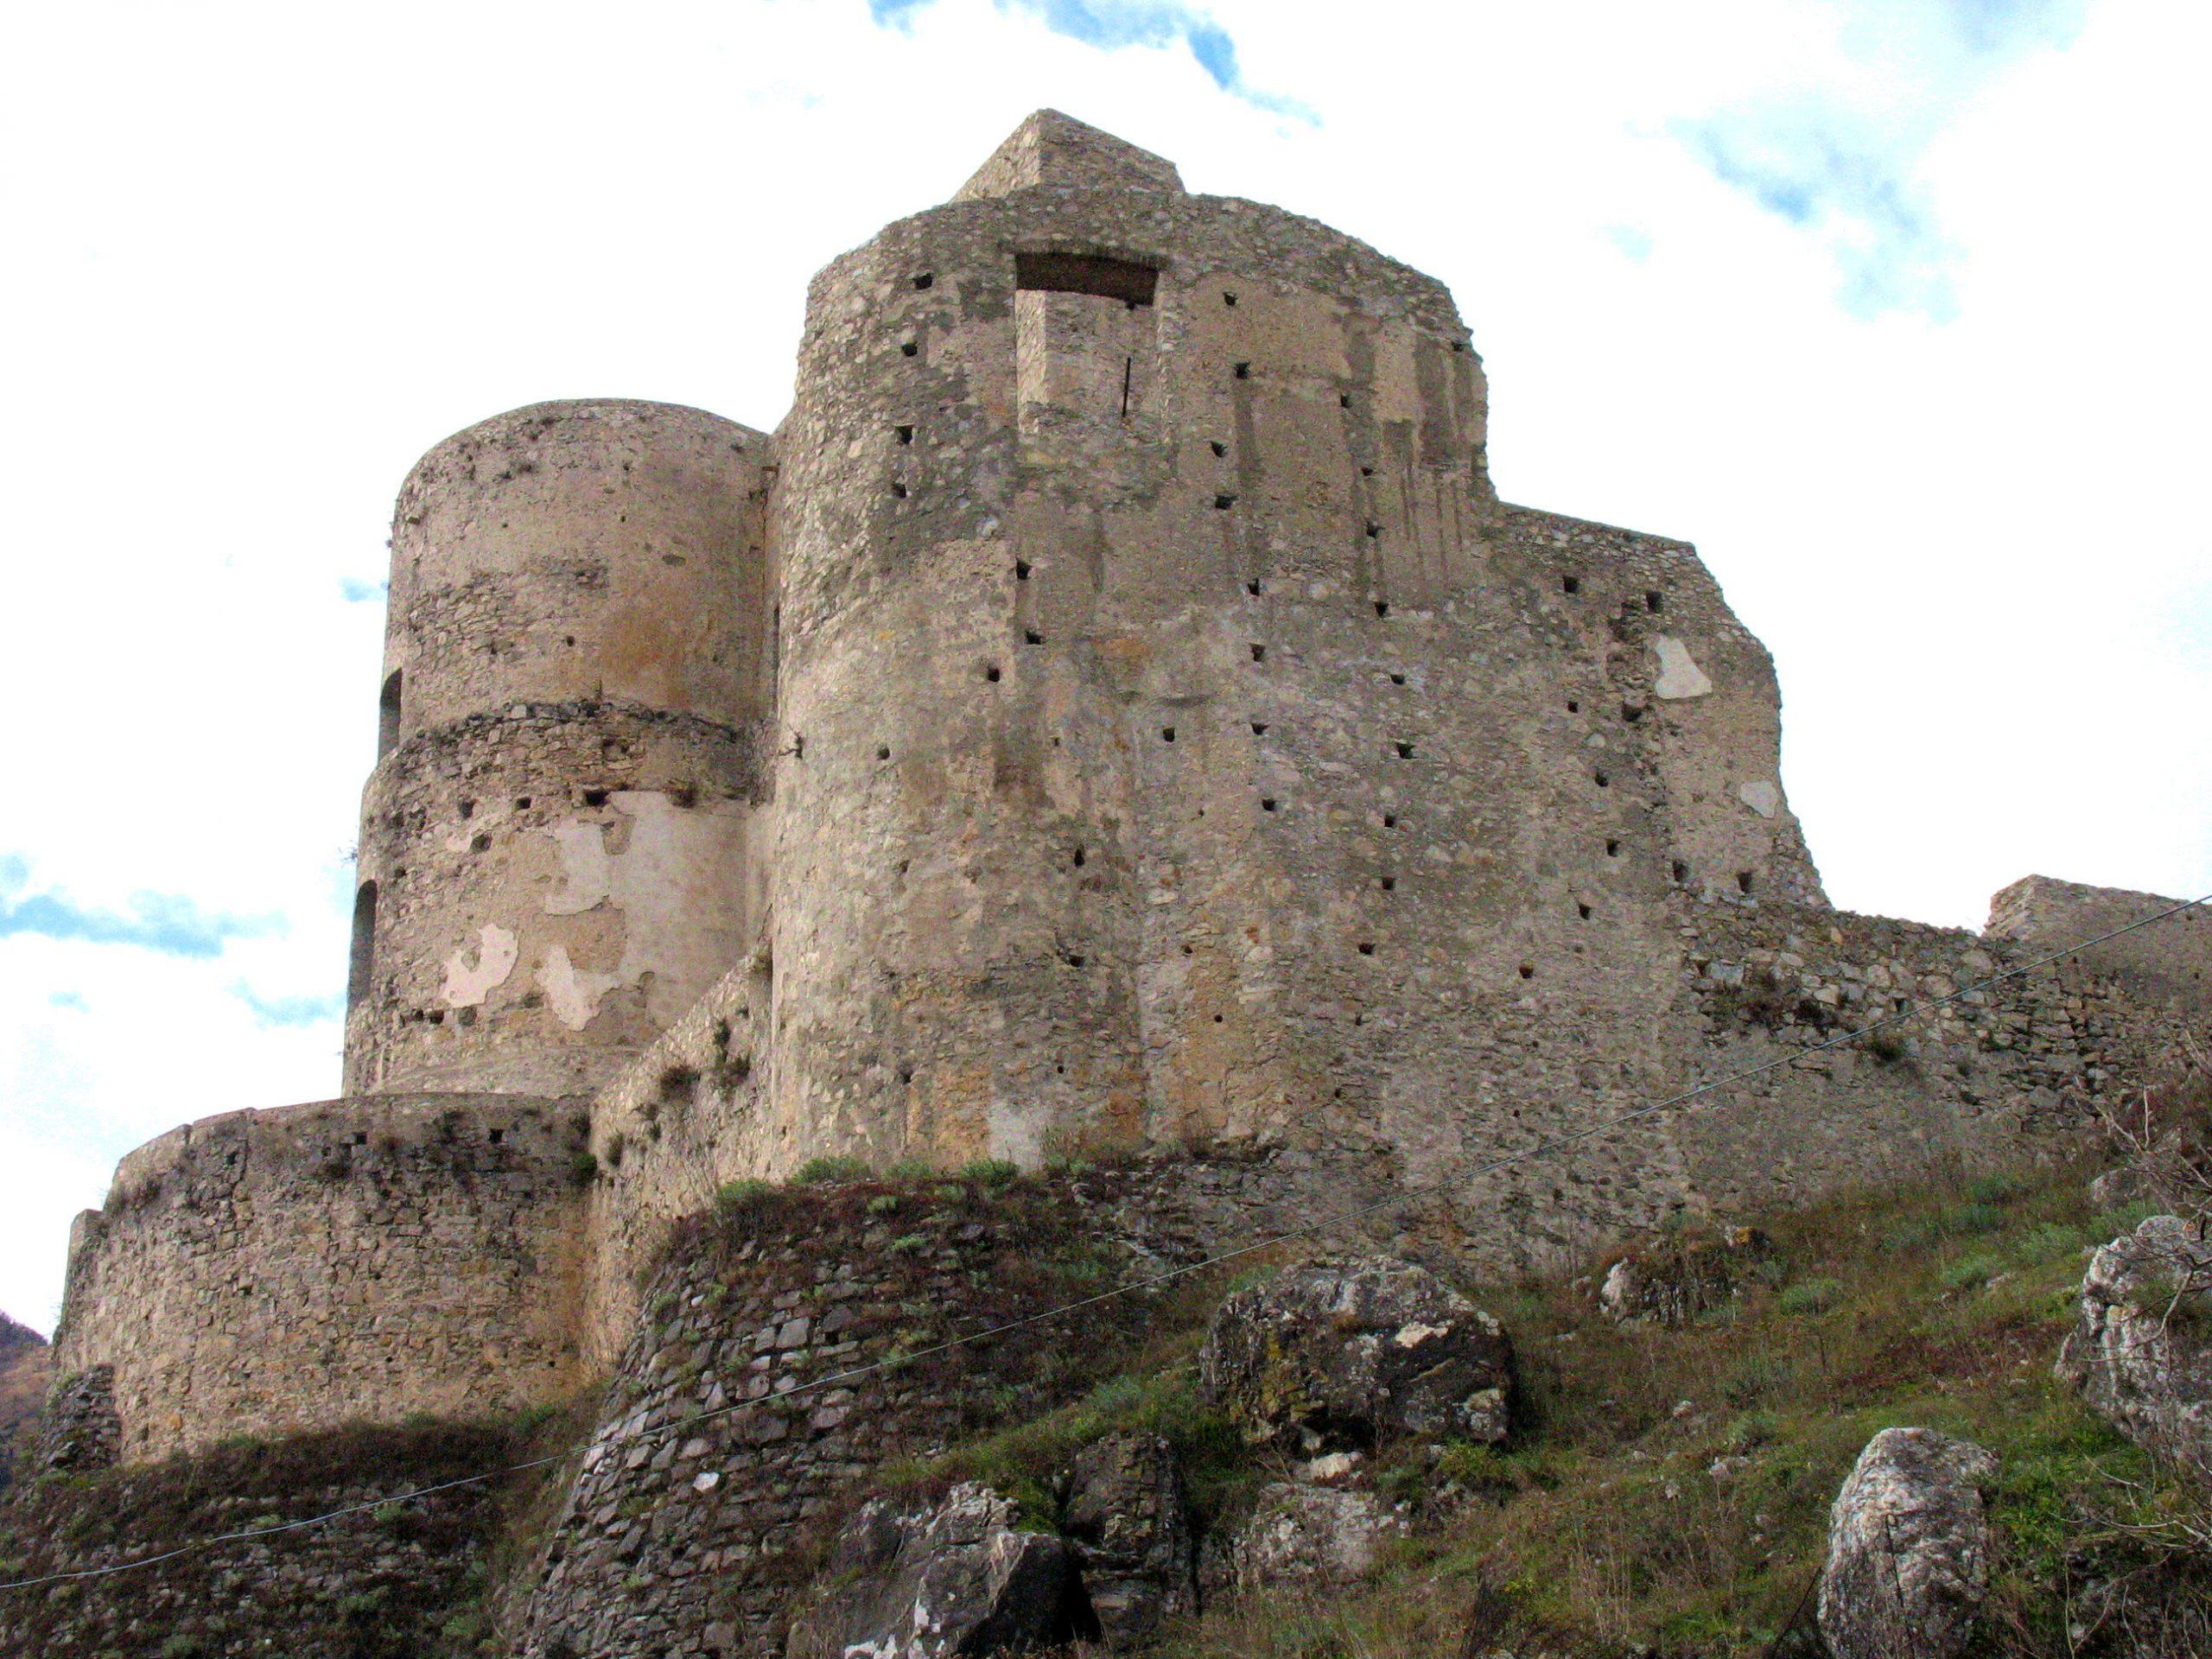 castello normanno svevo morano calabro